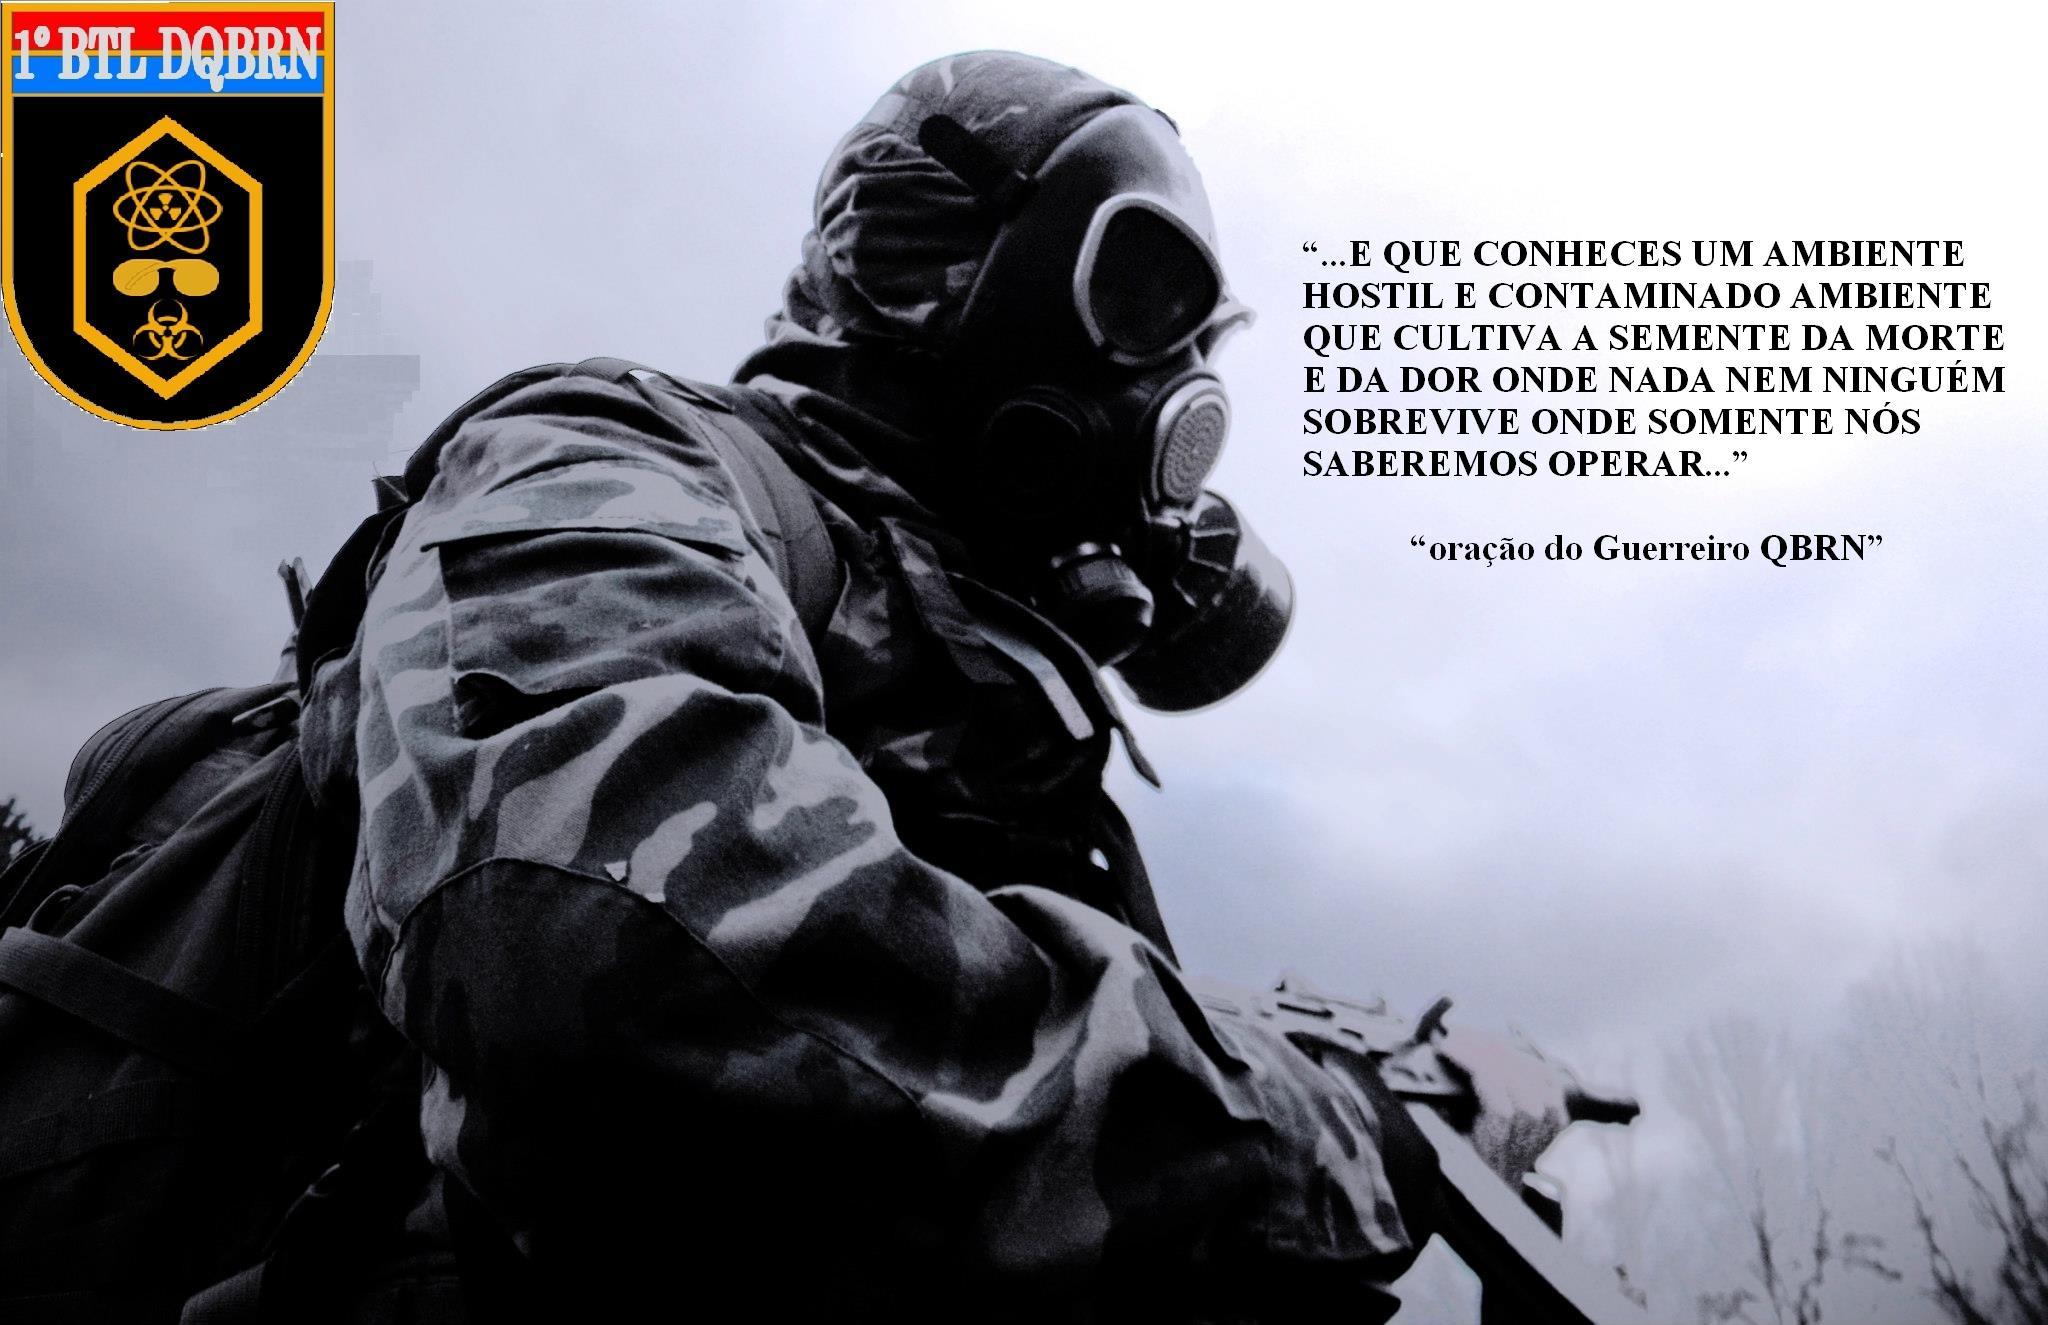 Capacidade de Defesa Química do Exército Brasileiro